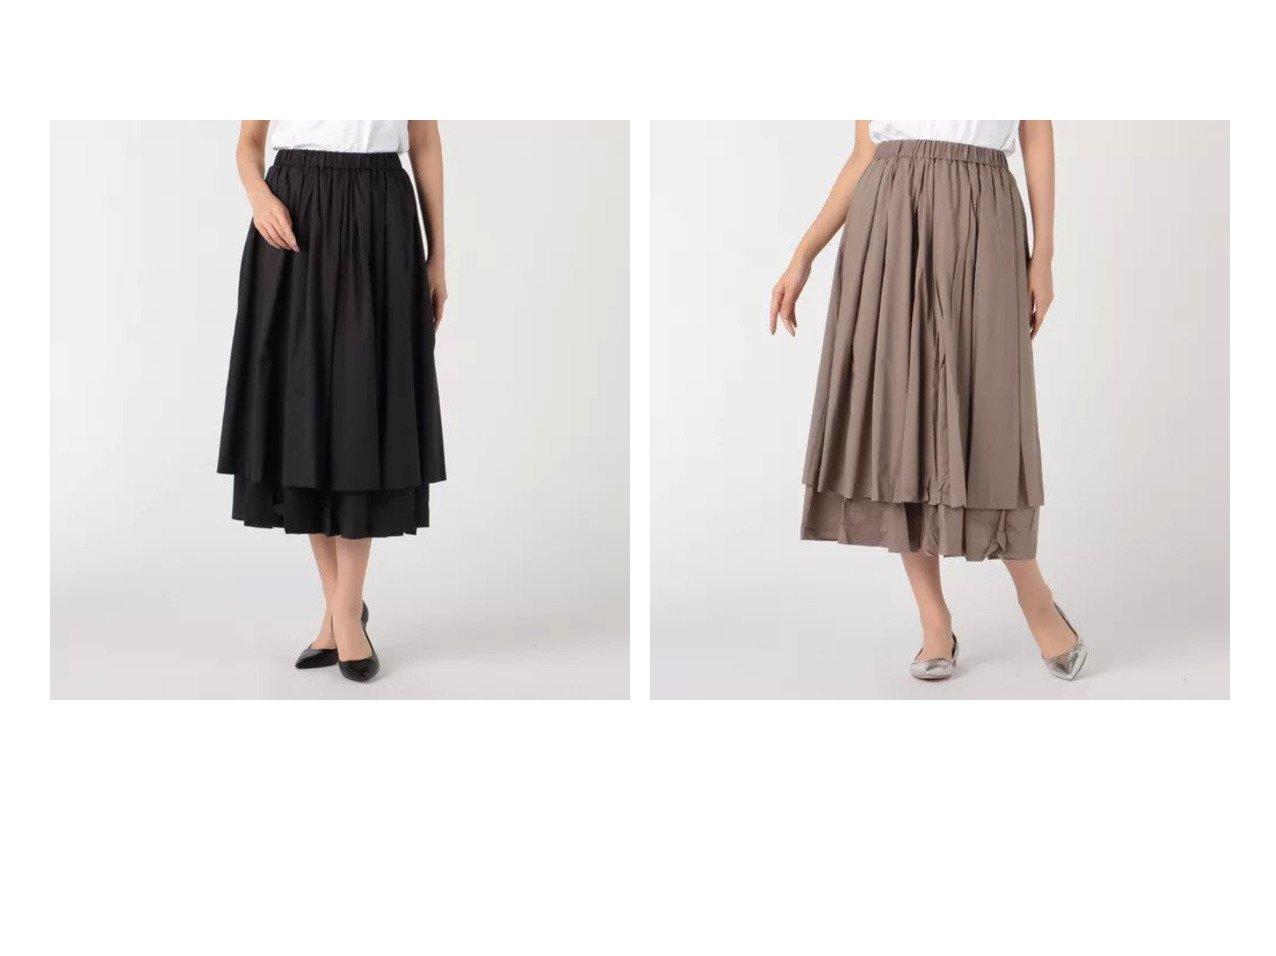 【mizuiro ind/ミズイロ インド】のdouble hem tucked スカート おすすめ!人気、トレンド・レディースファッションの通販 おすすめで人気の流行・トレンド、ファッションの通販商品 インテリア・家具・メンズファッション・キッズファッション・レディースファッション・服の通販 founy(ファニー) https://founy.com/ ファッション Fashion レディースファッション WOMEN スカート Skirt ギャザー フレア マキシ ロング 洗える  ID:crp329100000055564